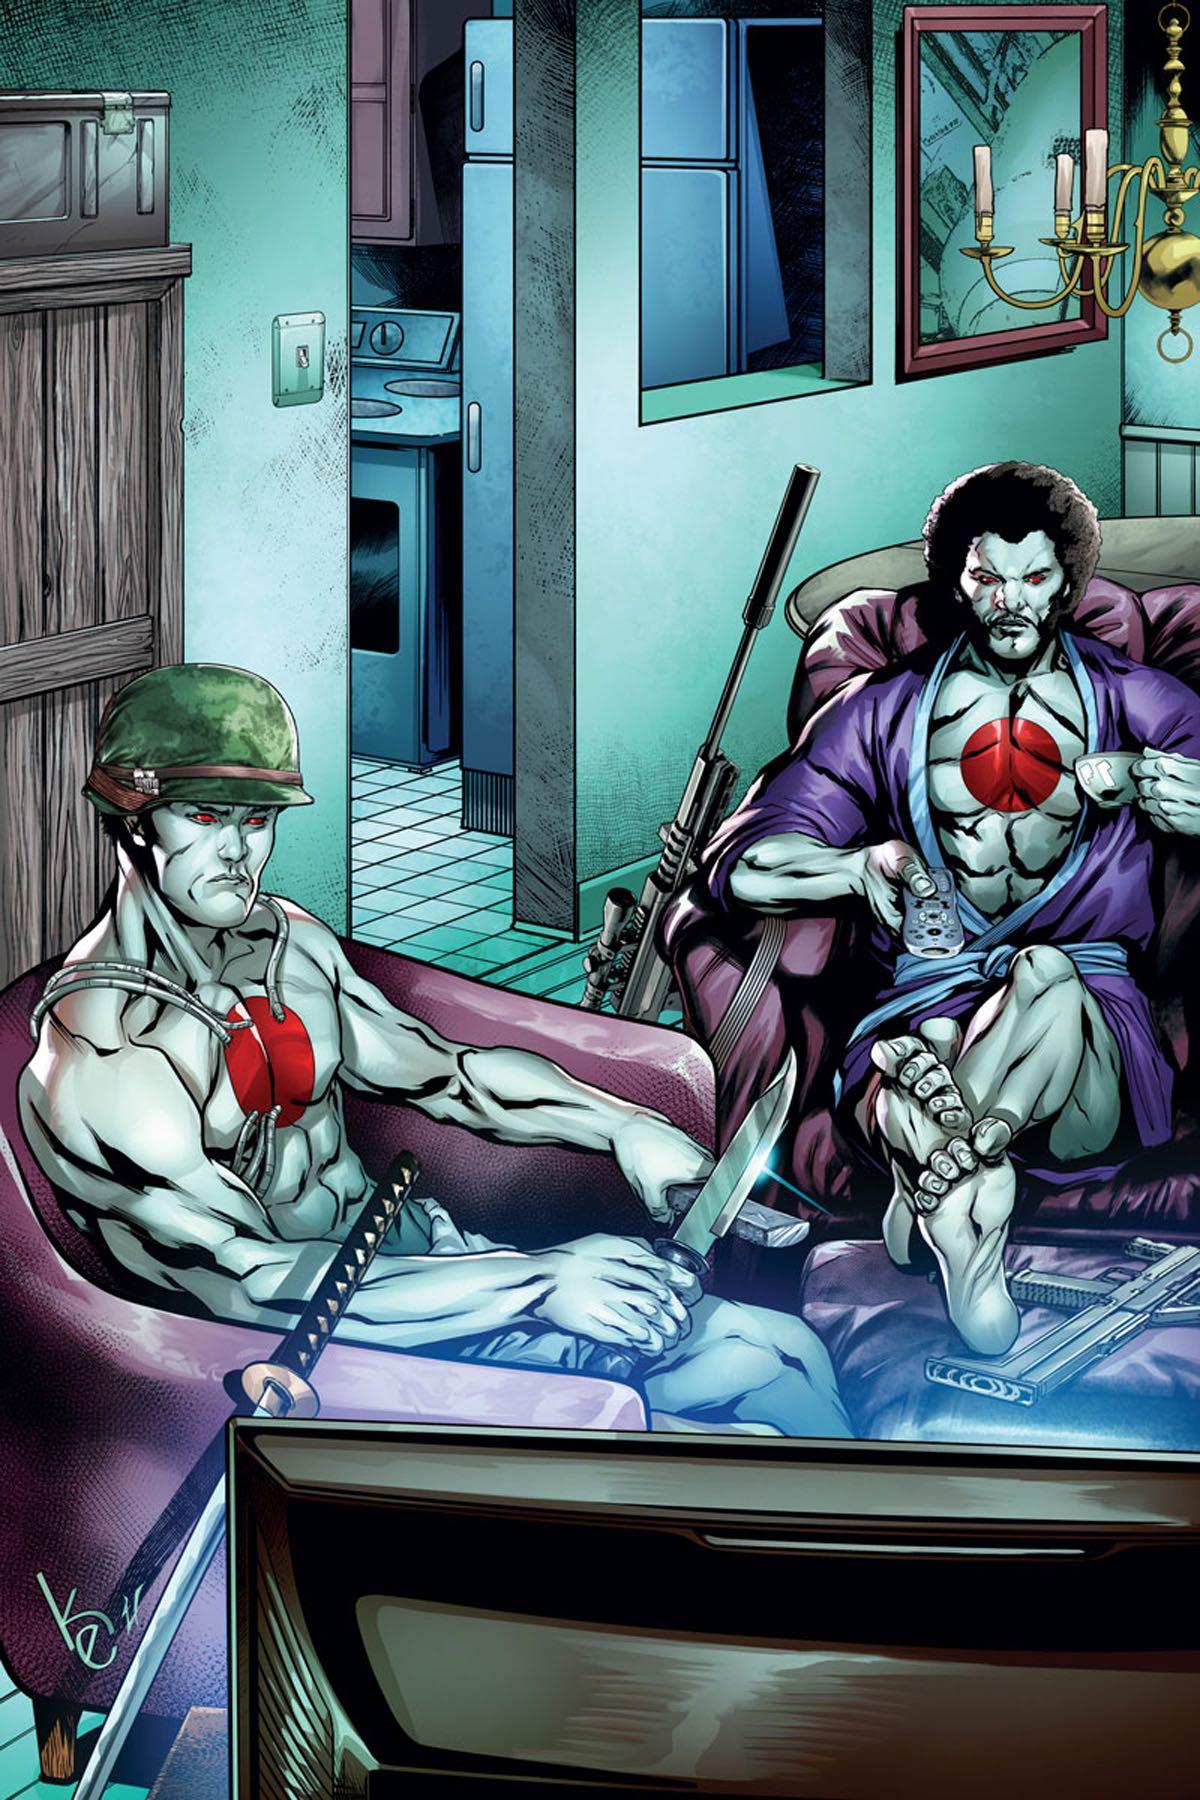 bloodshot 39 s day off 1 evans cover fresh comics. Black Bedroom Furniture Sets. Home Design Ideas